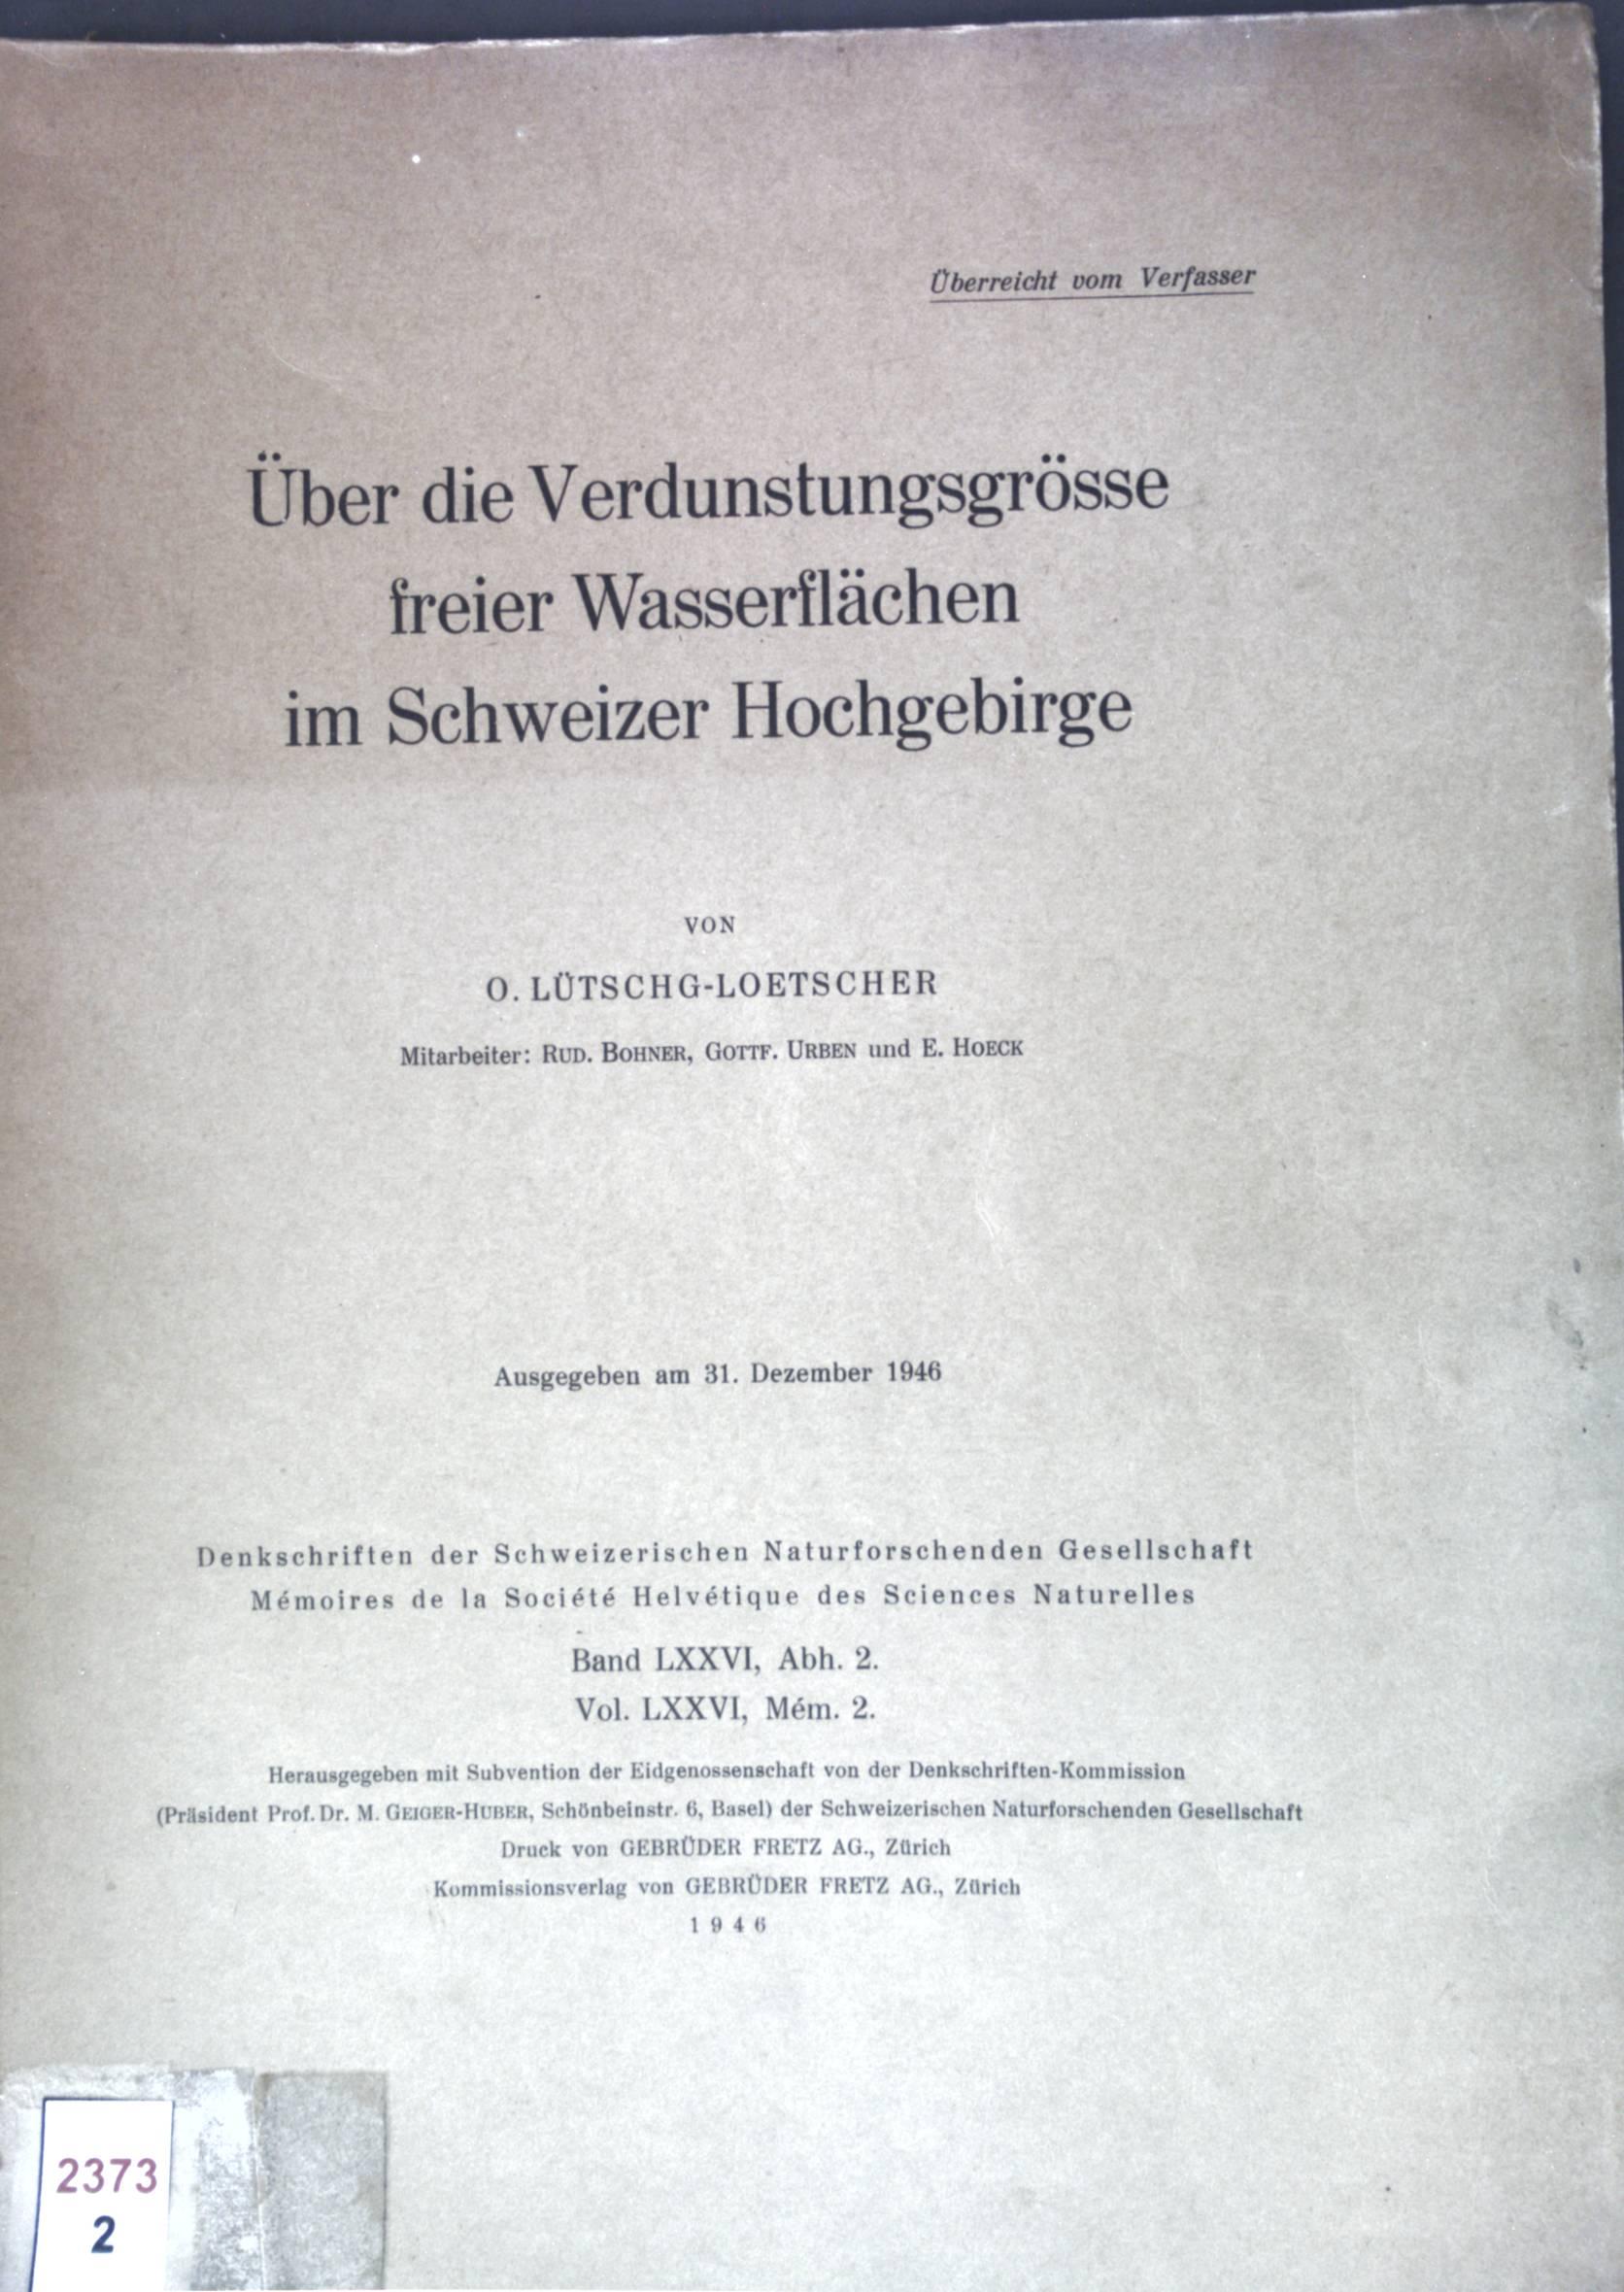 Über die Verdunstungsgrösse freier Wasserflächen im Schweizer: Lütschg-Loetscher, O.: